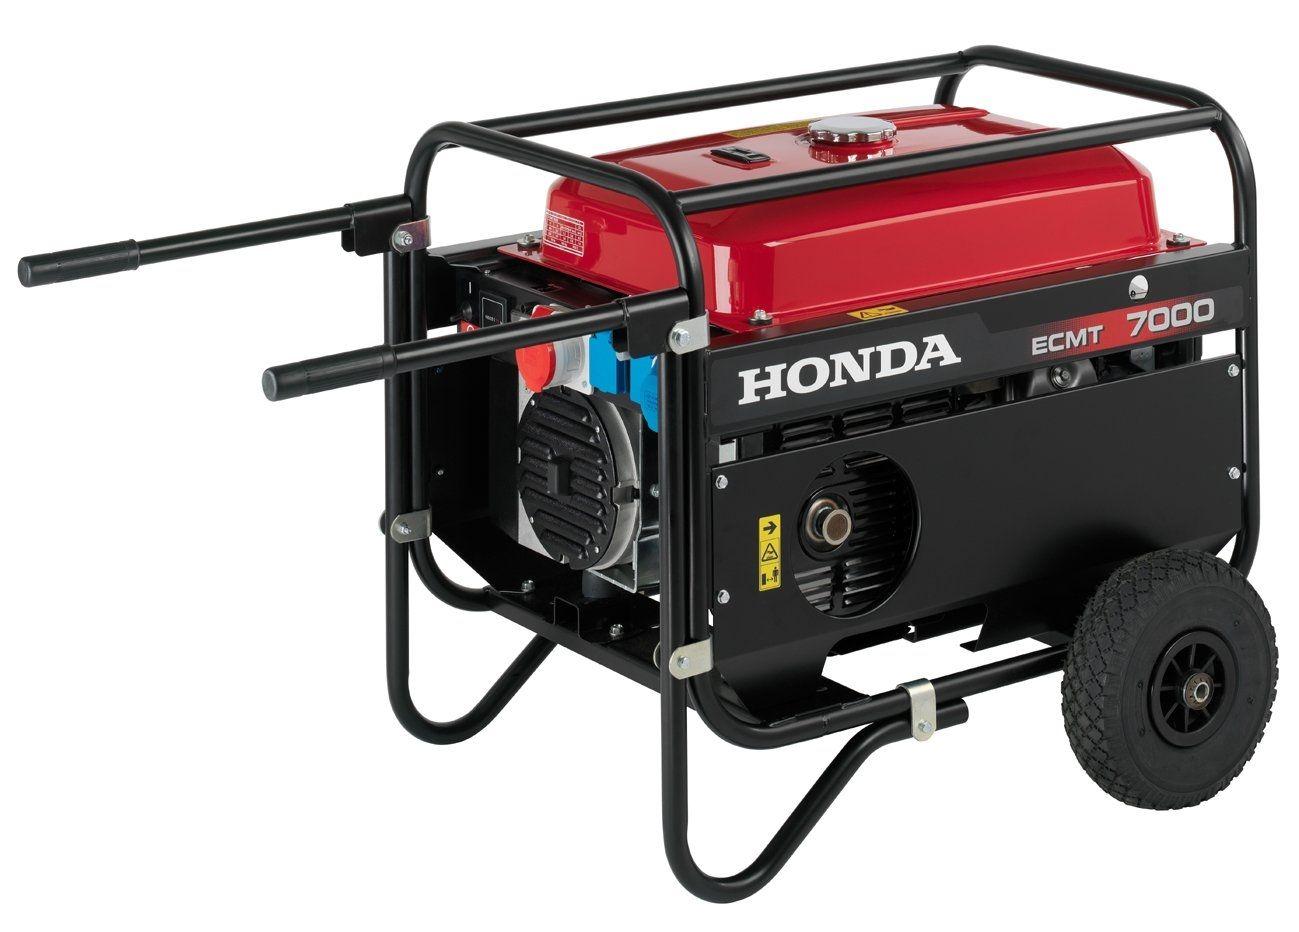 Rámová profesionální elektrocentrála Honda ECMT7000 cxs